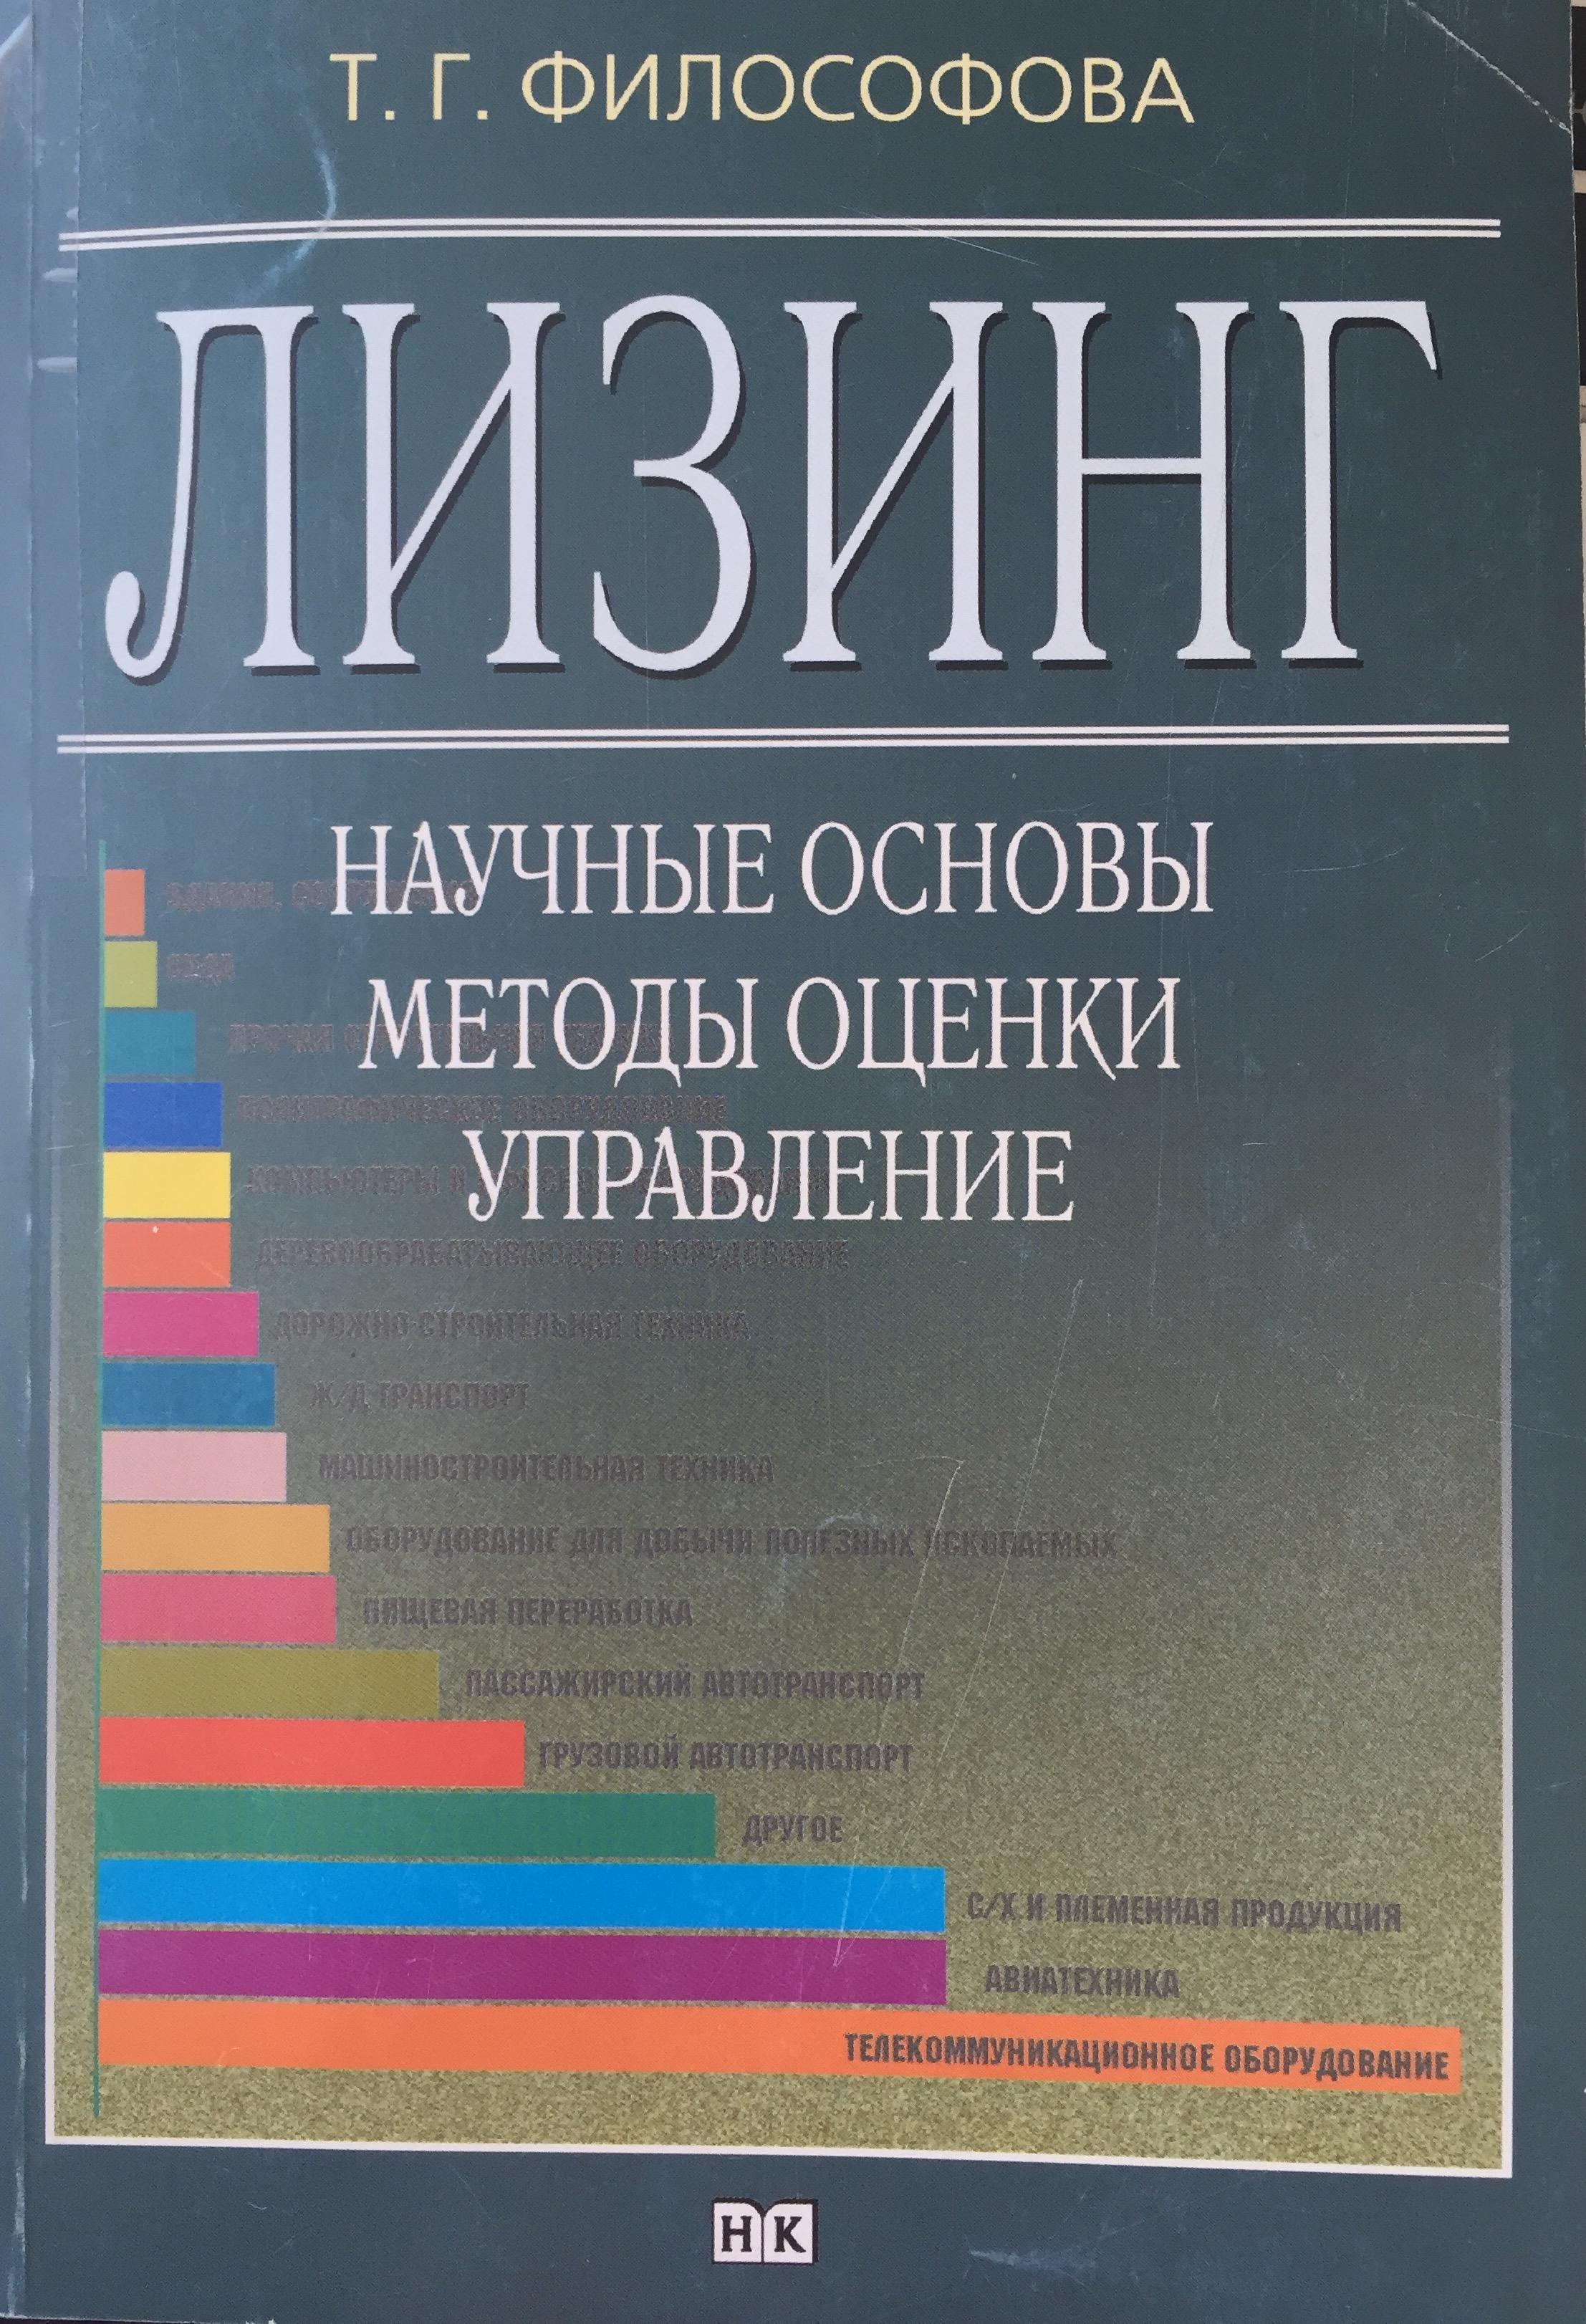 Лизинг: научные основы, методы оценки, управление